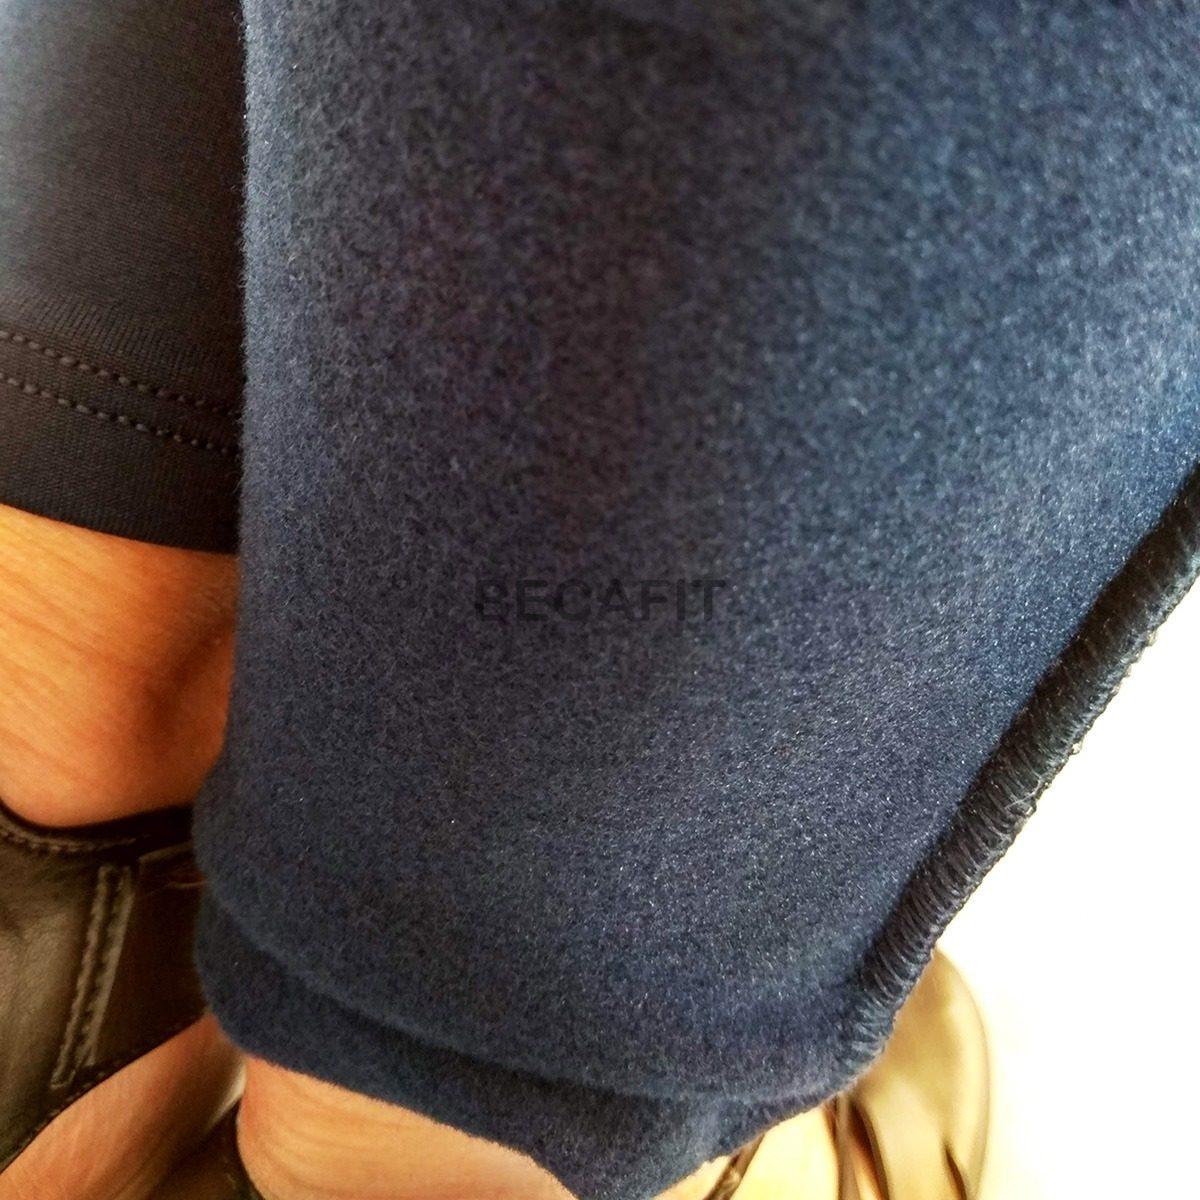 3cb199abb Legging Montaria Calça Inverno Flanelada Oferta Sedex Grátis - R$ 83 ...